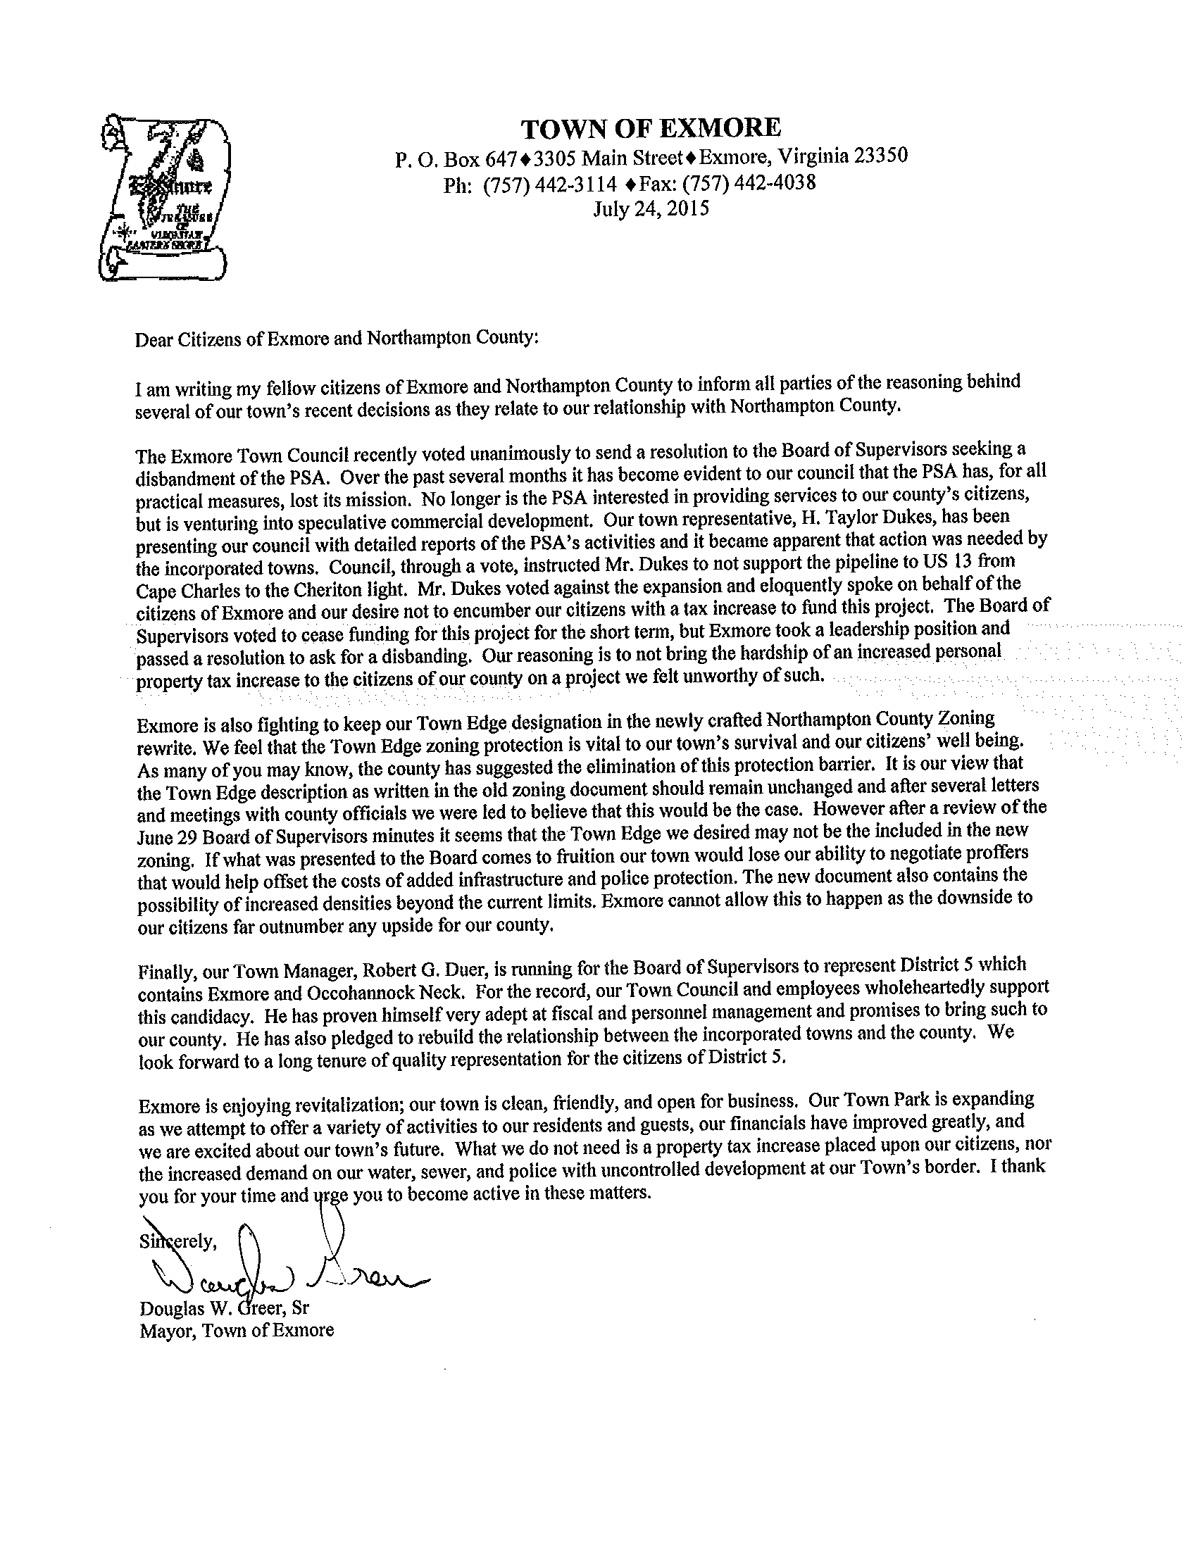 Mayor Greer defends PSA decision.